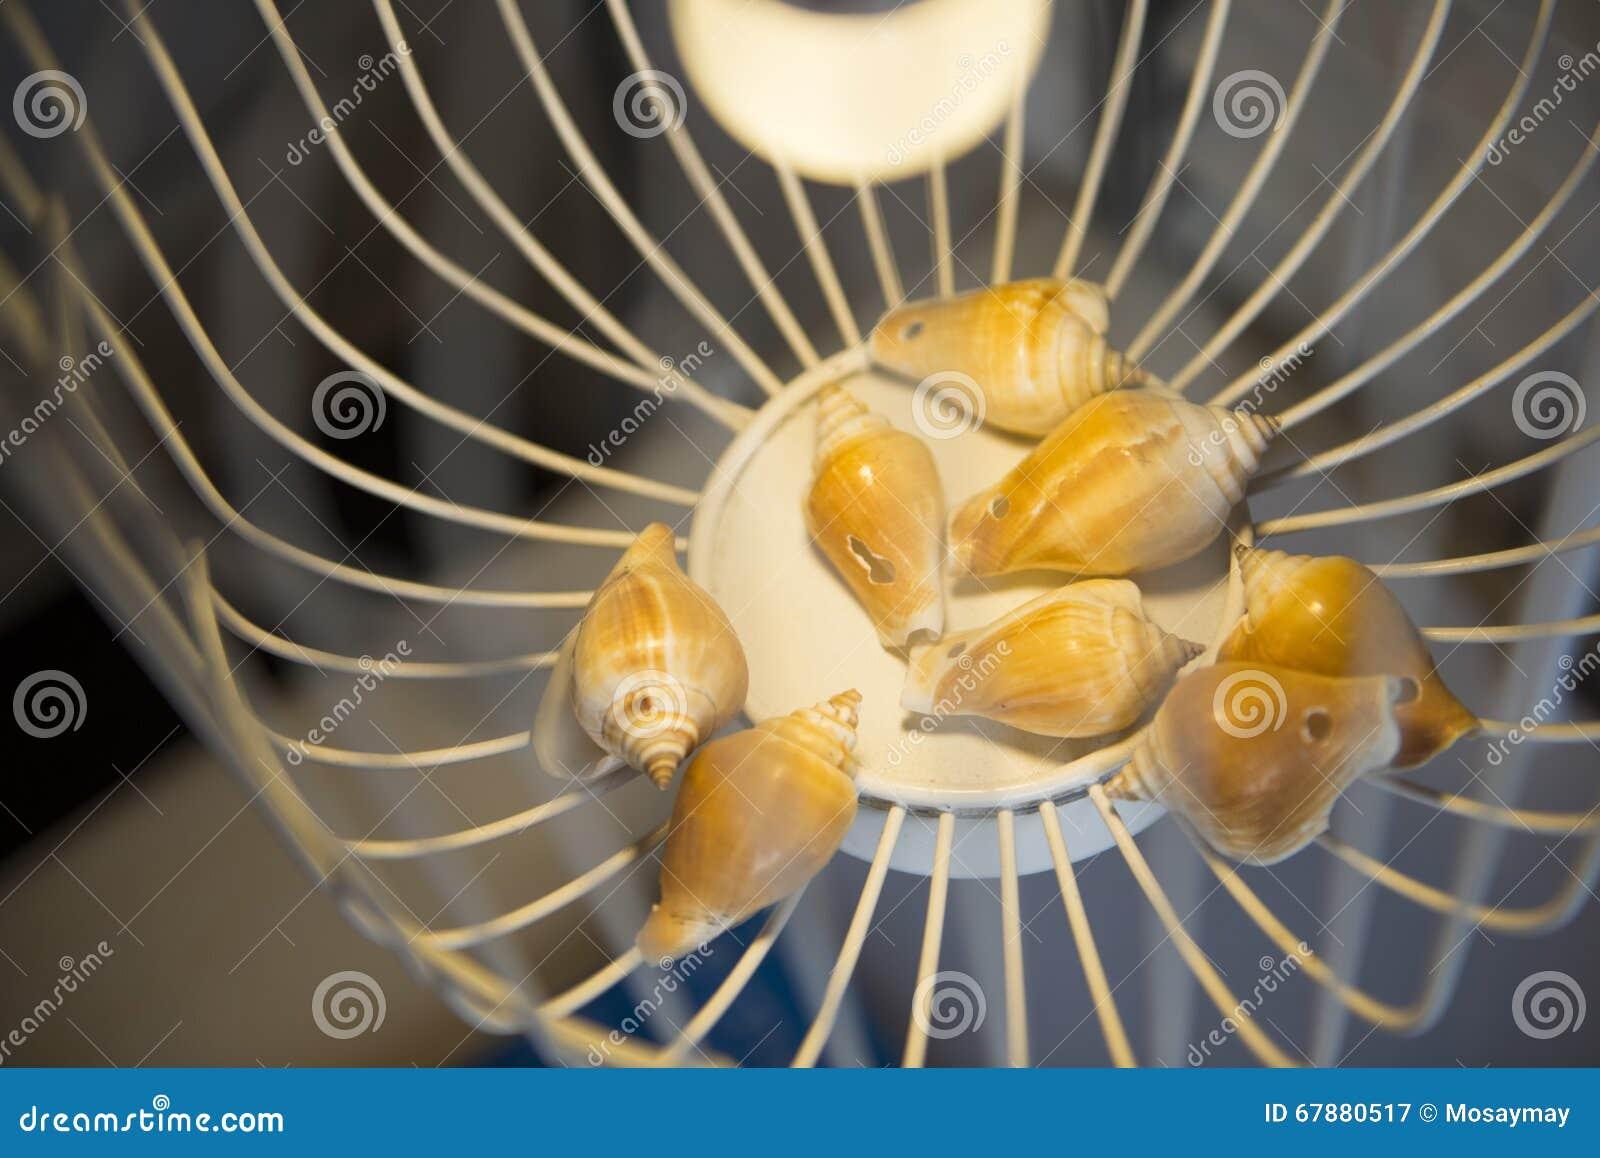 贝类在白色笼子的巧克力精炼机装饰